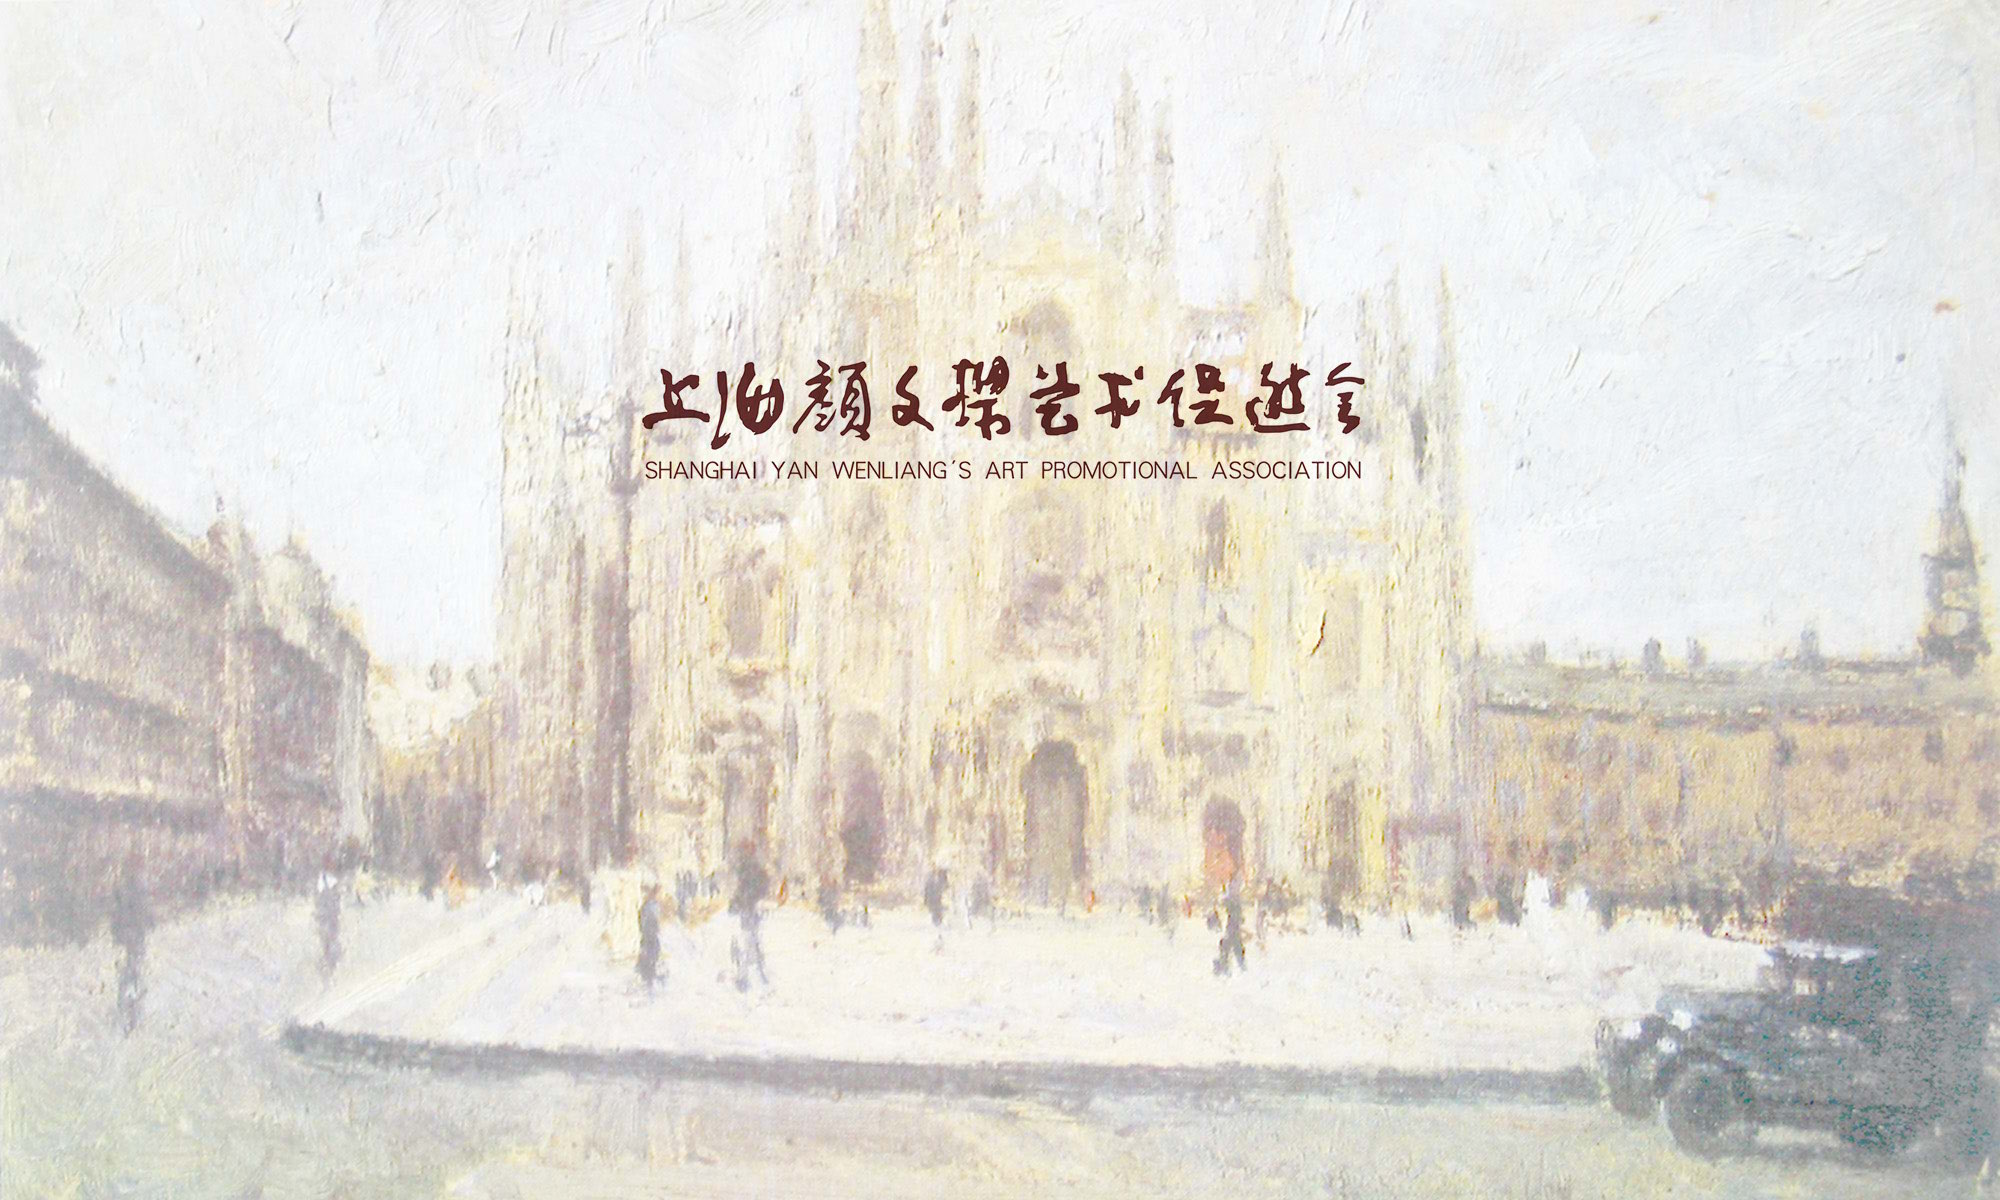 上海颜文樑艺术促进会